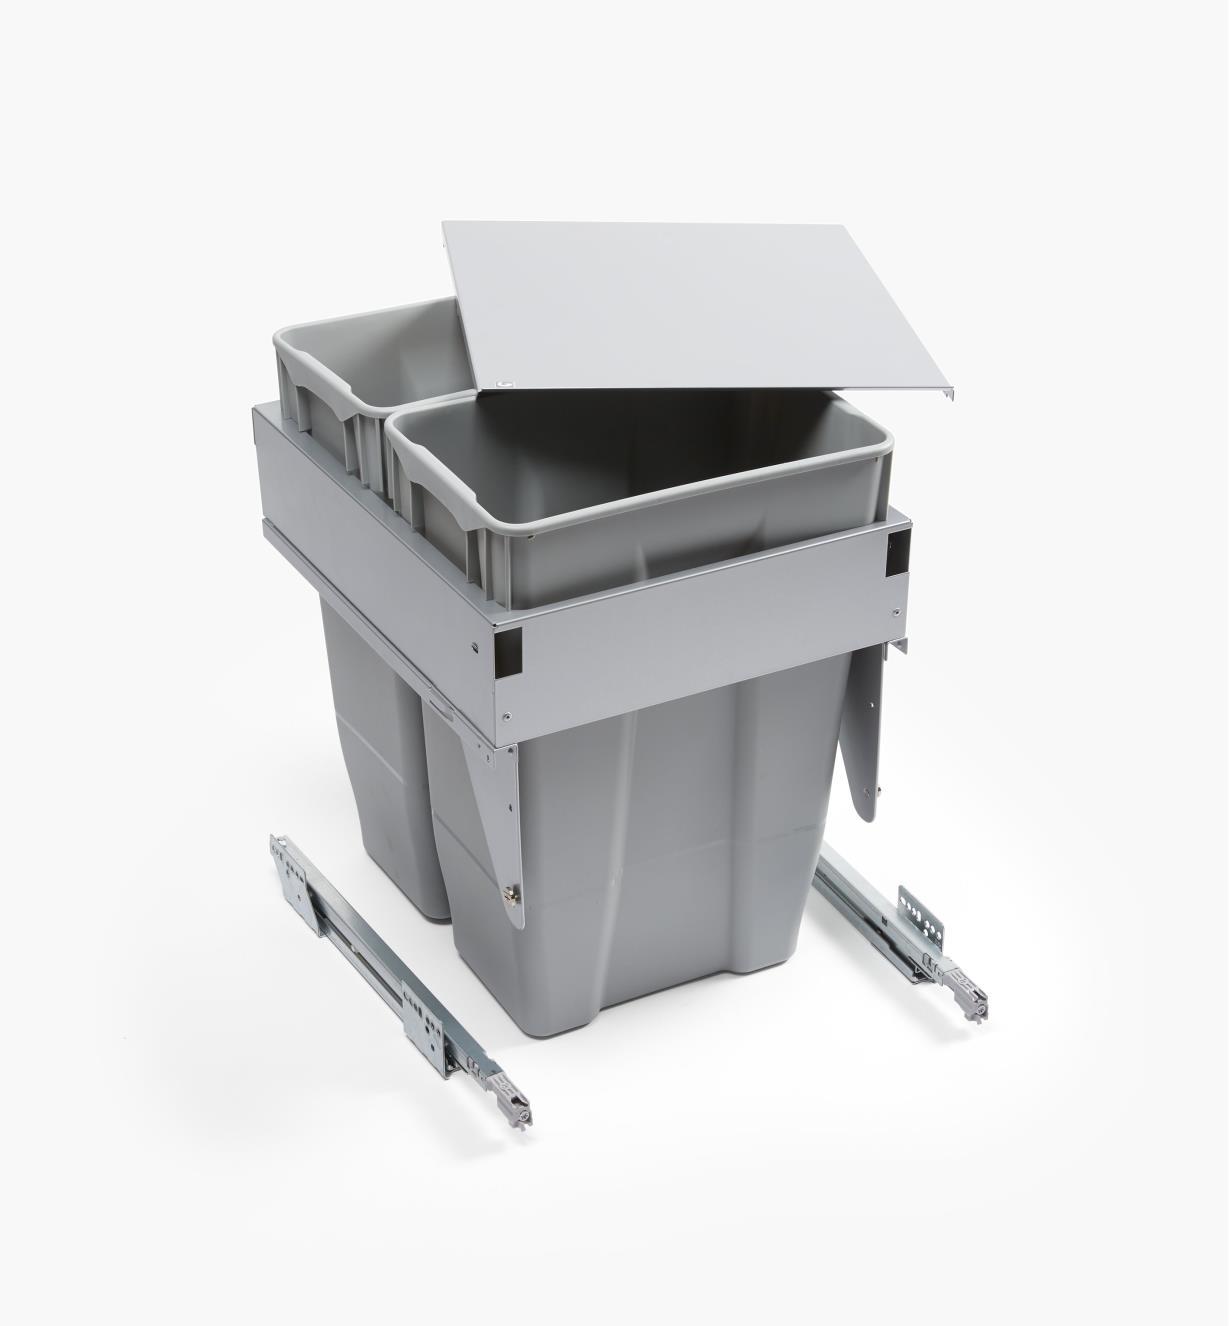 12K7811 - Door-Mount Dual Waste Bin